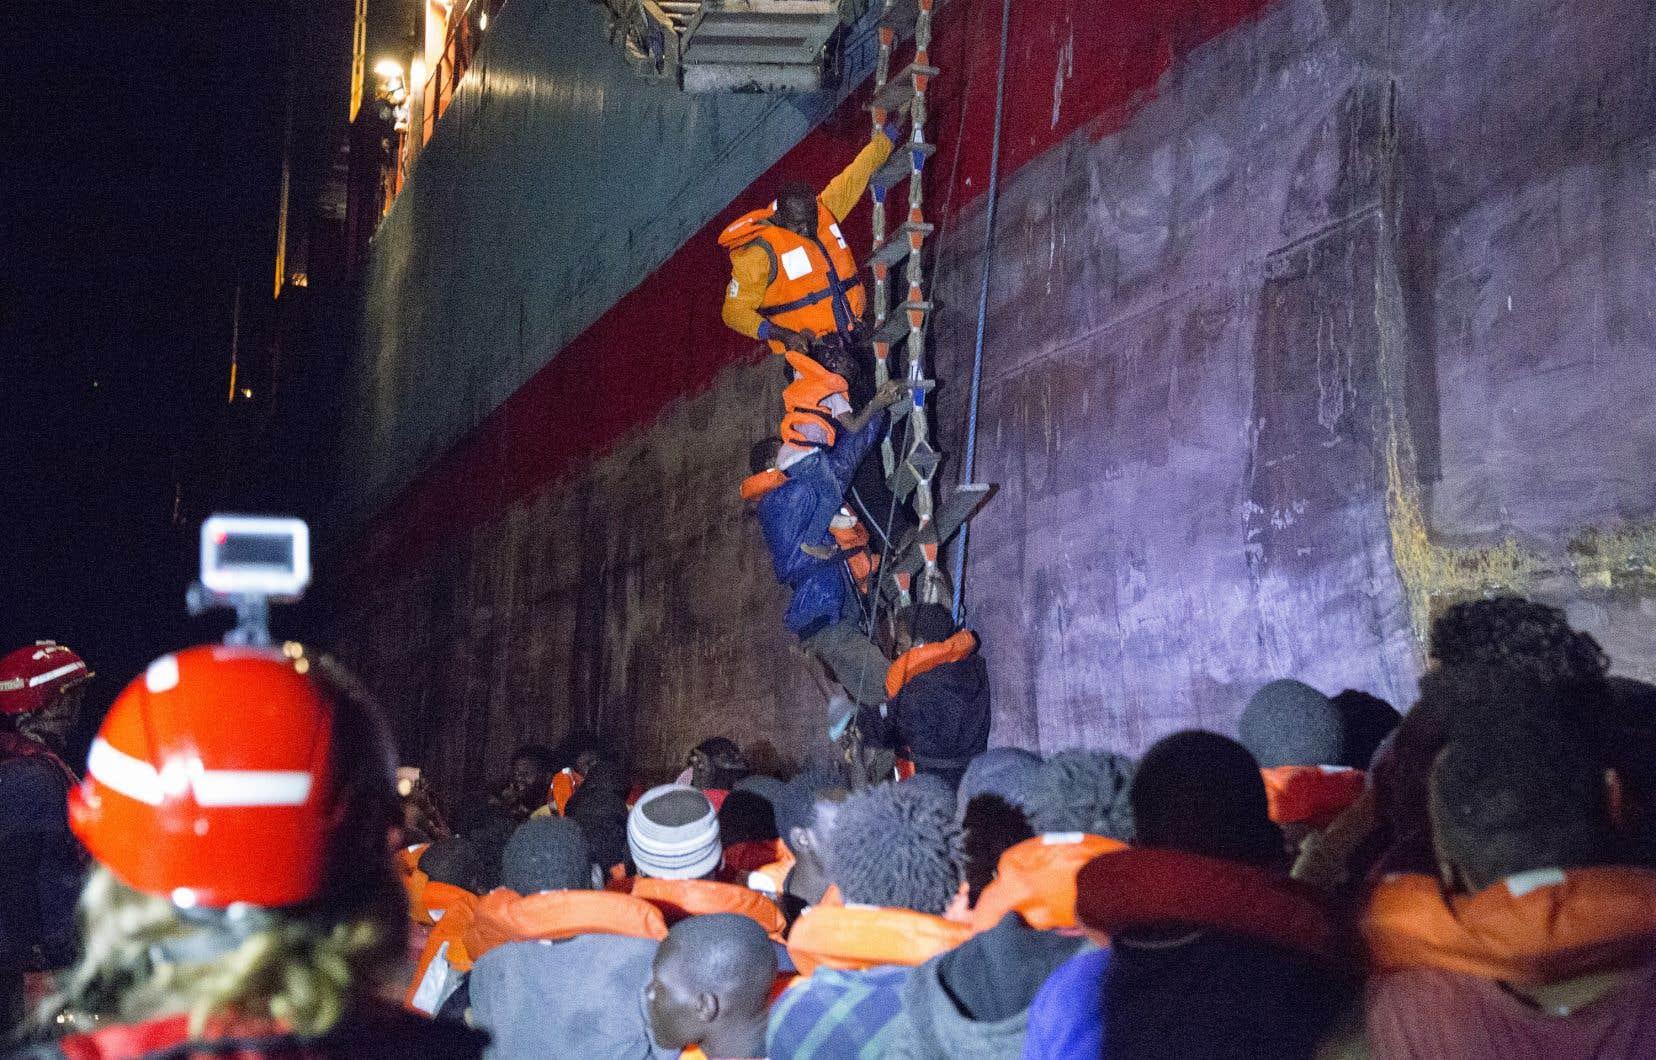 Un navire de l'ONG allemande «Lifeline» a été bloqué au large de Malte avec 239 migrants à son bord, l'Italie puis Malte lui ayant refusé l'accostage.